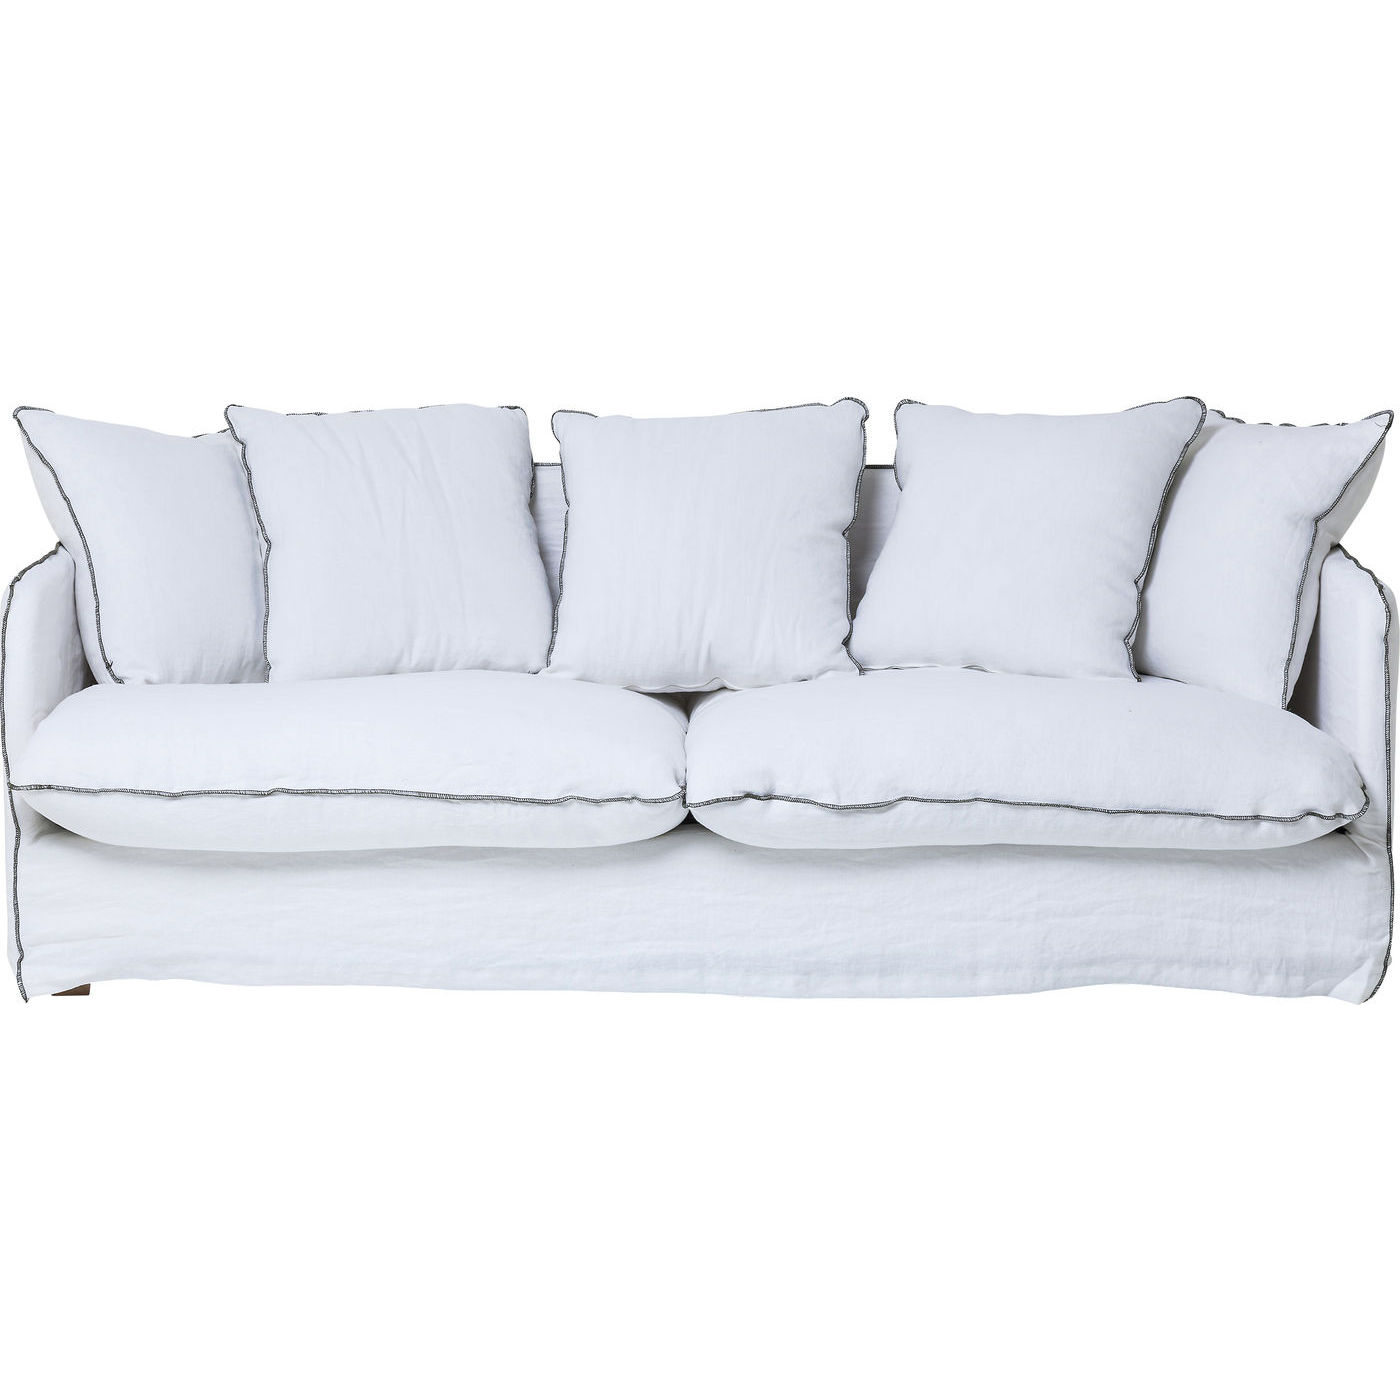 Billede af Kare Design Santorini 3 pers. Sofa